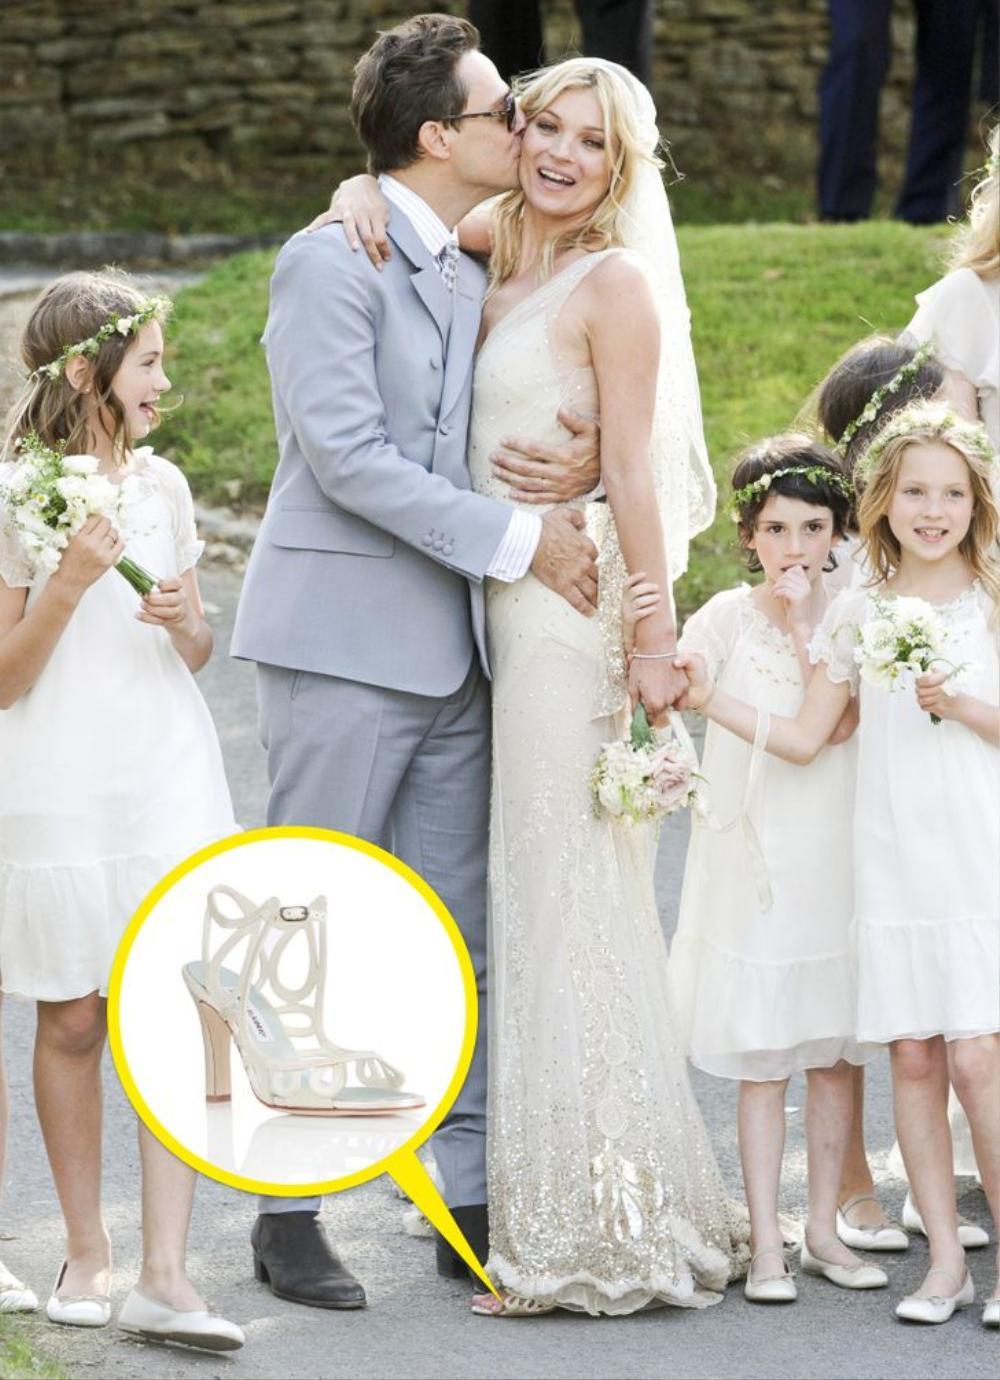 10 đôi giày cao gót huyền thoại trong đám cưới Hoàng gia và Hollywood Ảnh 2